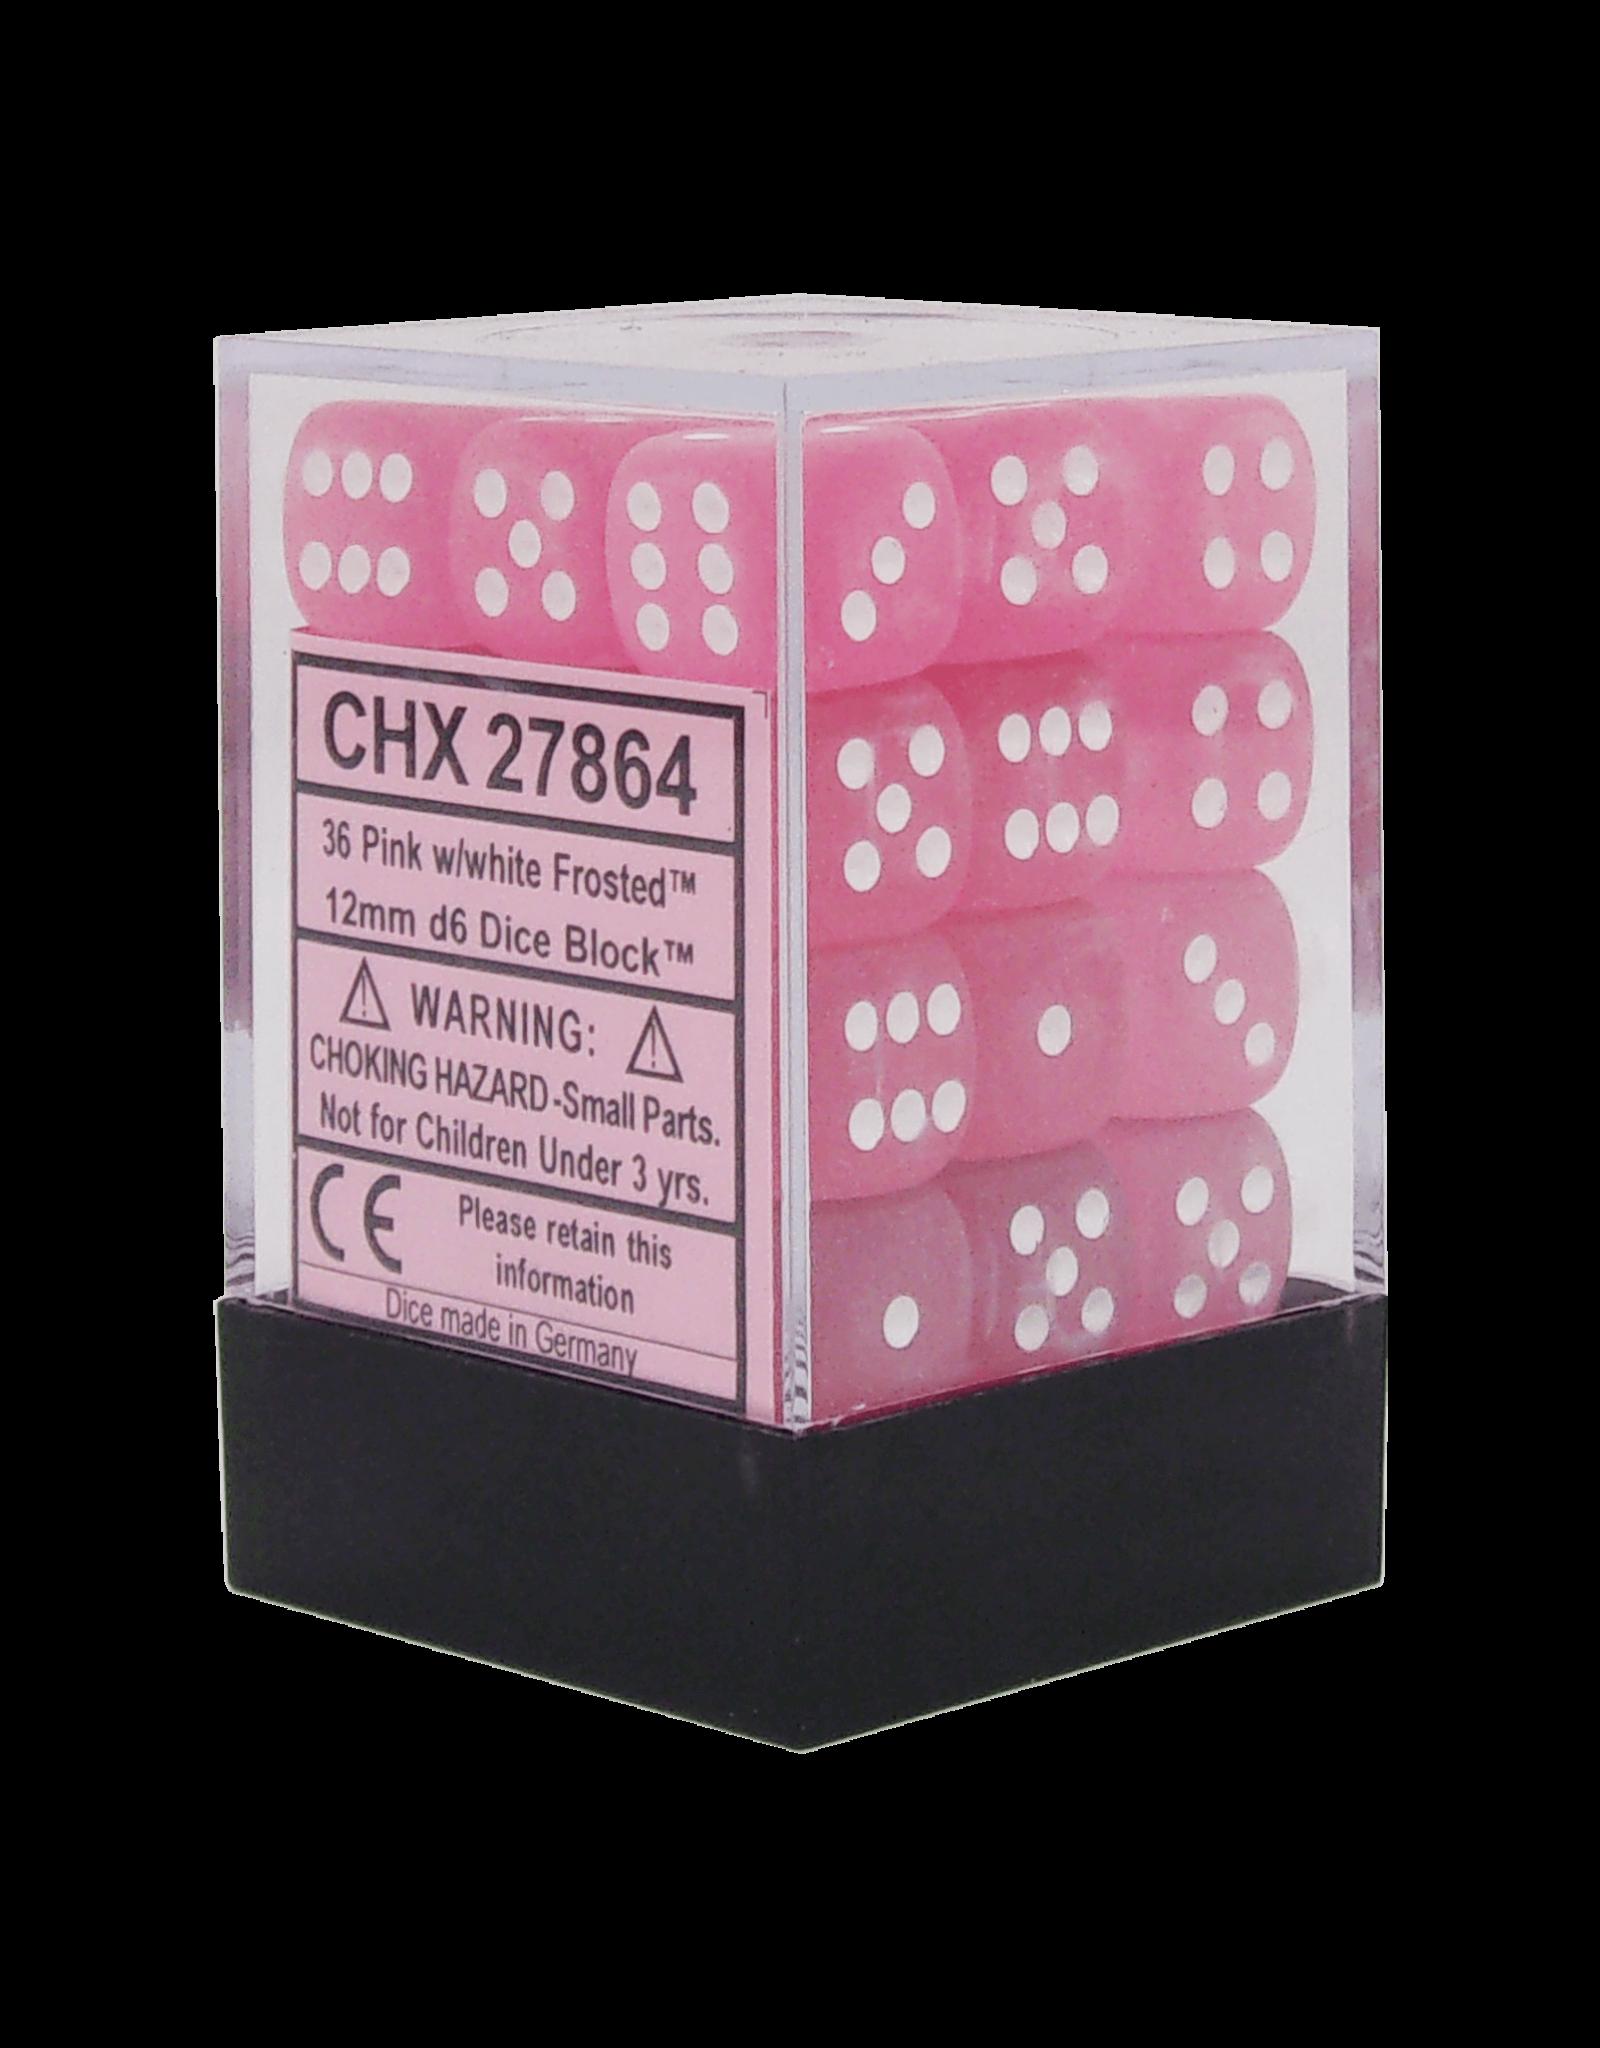 CHX 27864